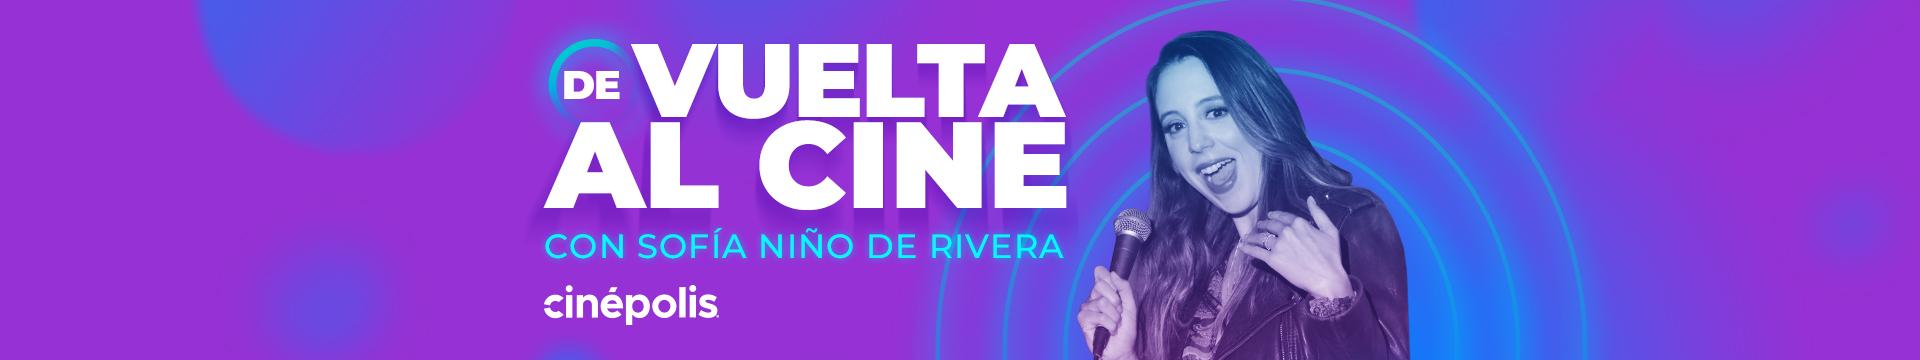 De Vuelta Al Cine con Sofía Niño de Rívera